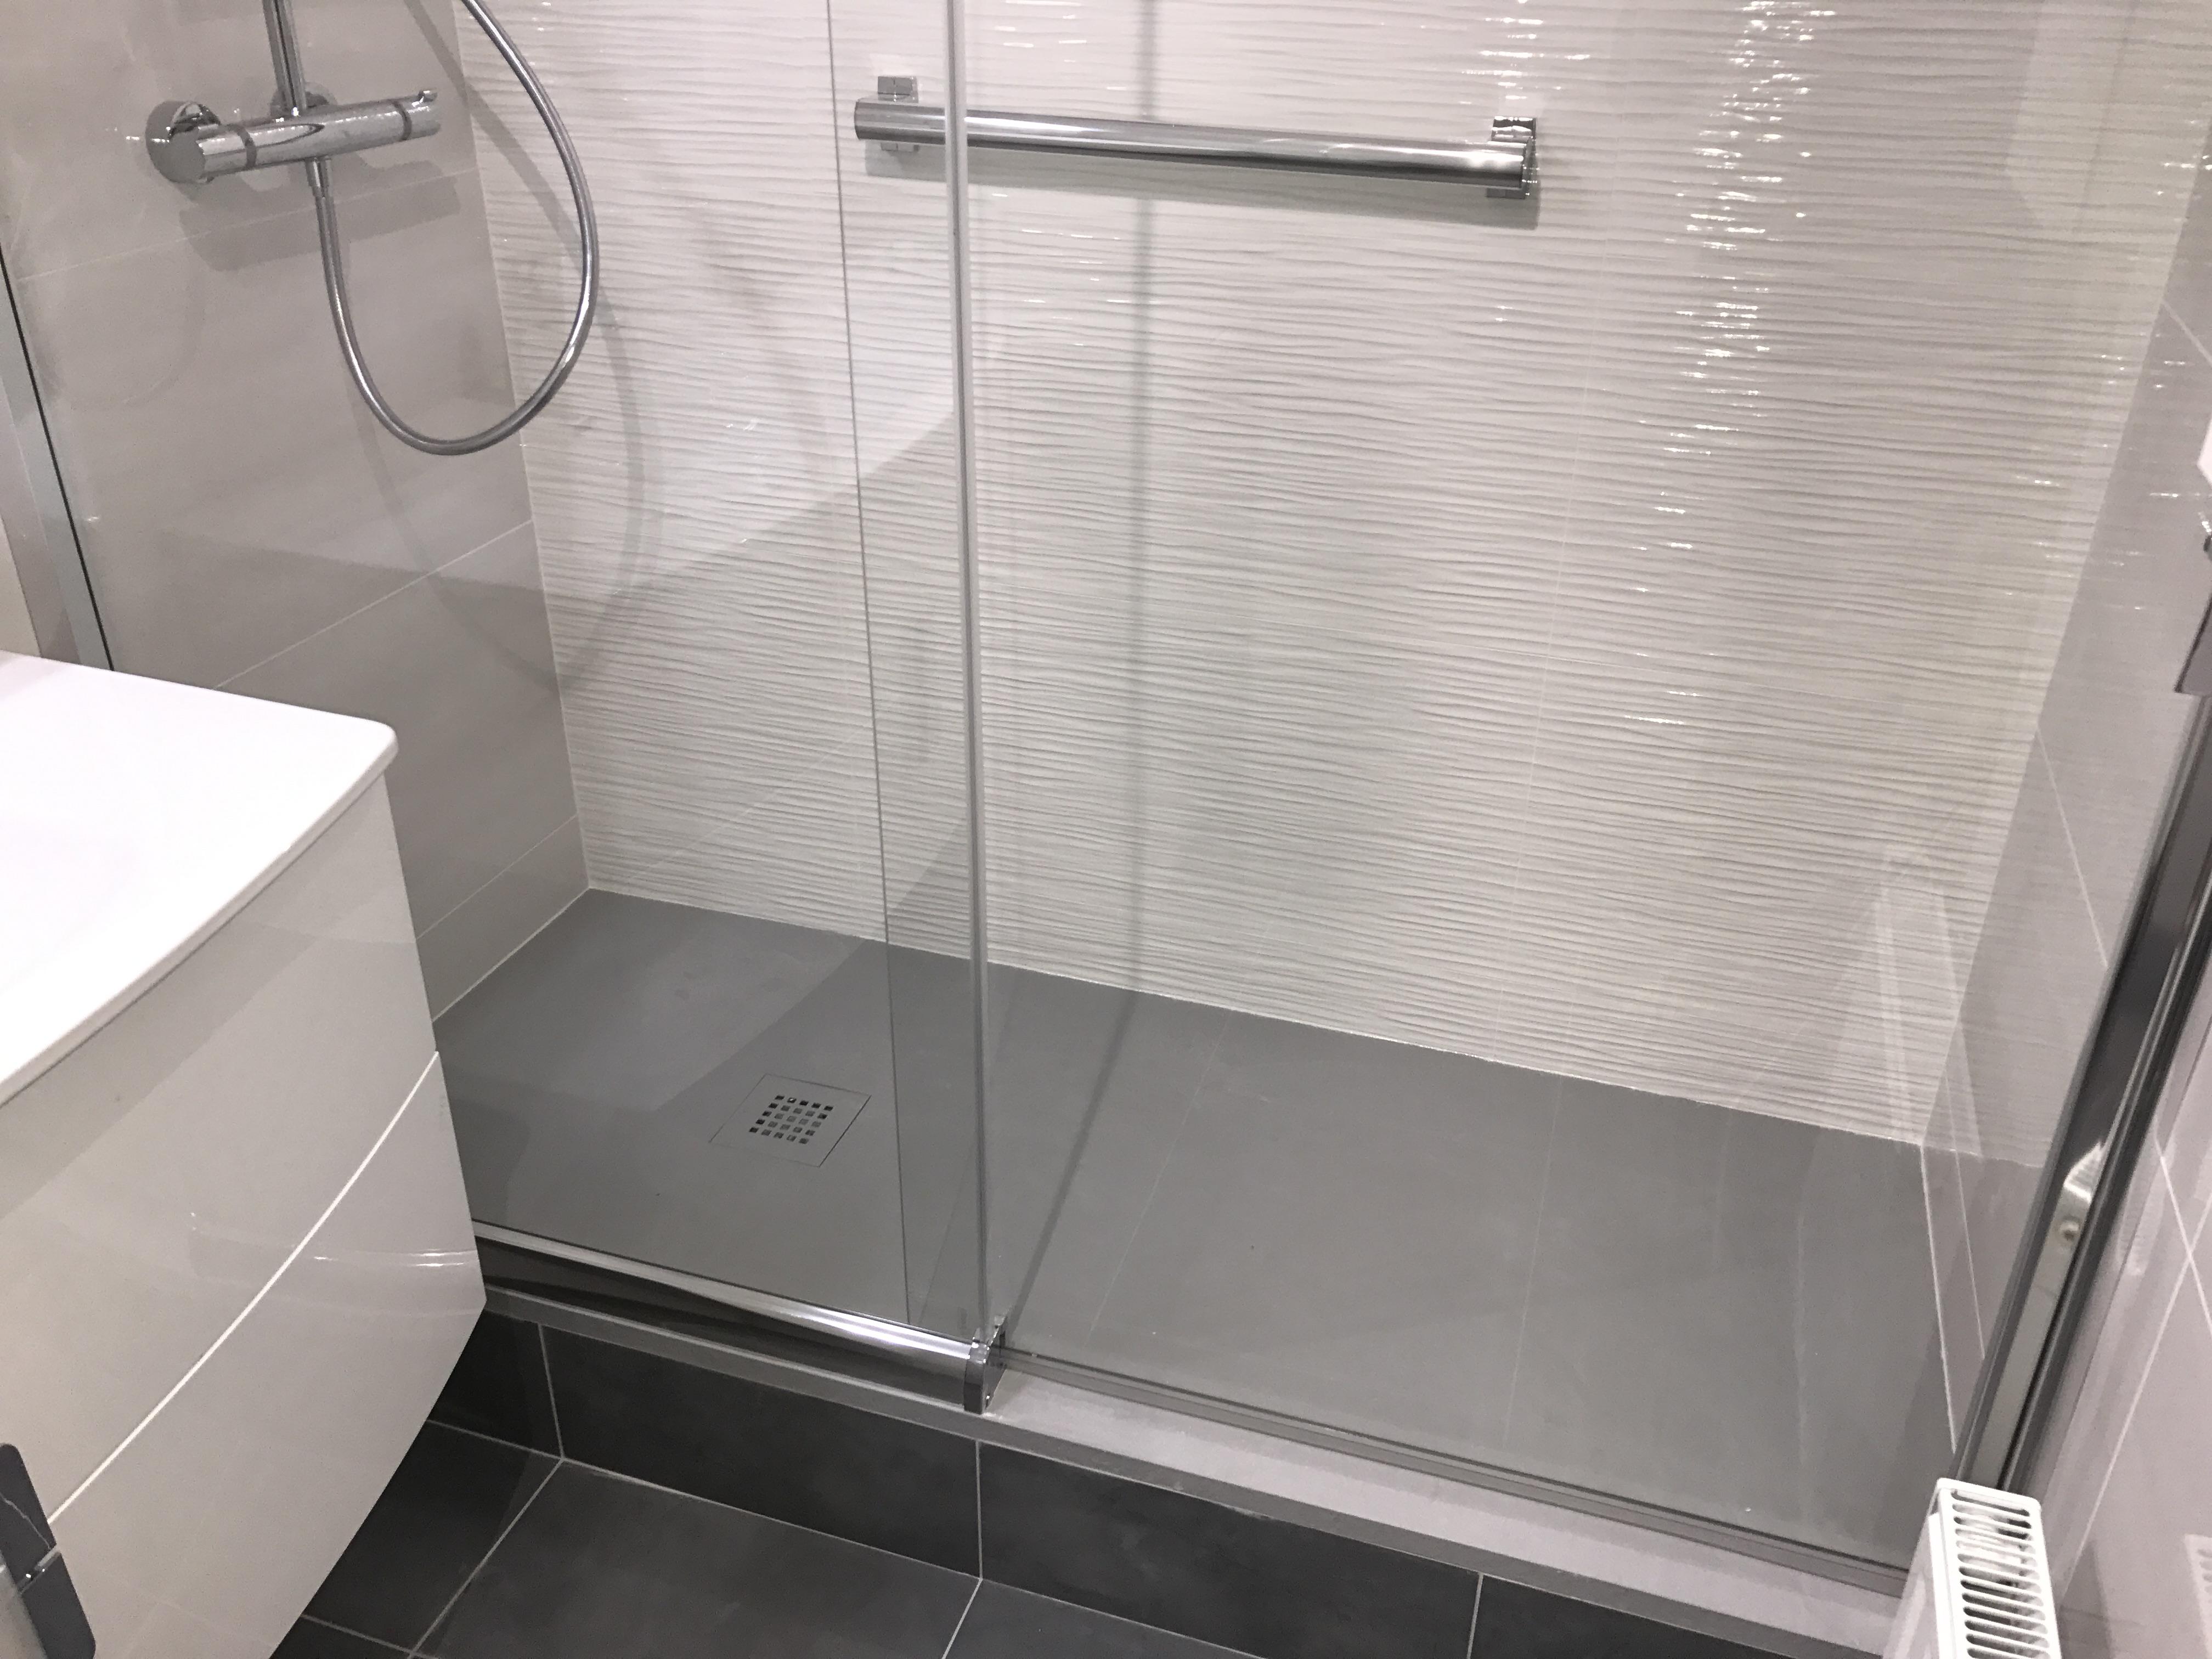 Remplacement baignoire par douche